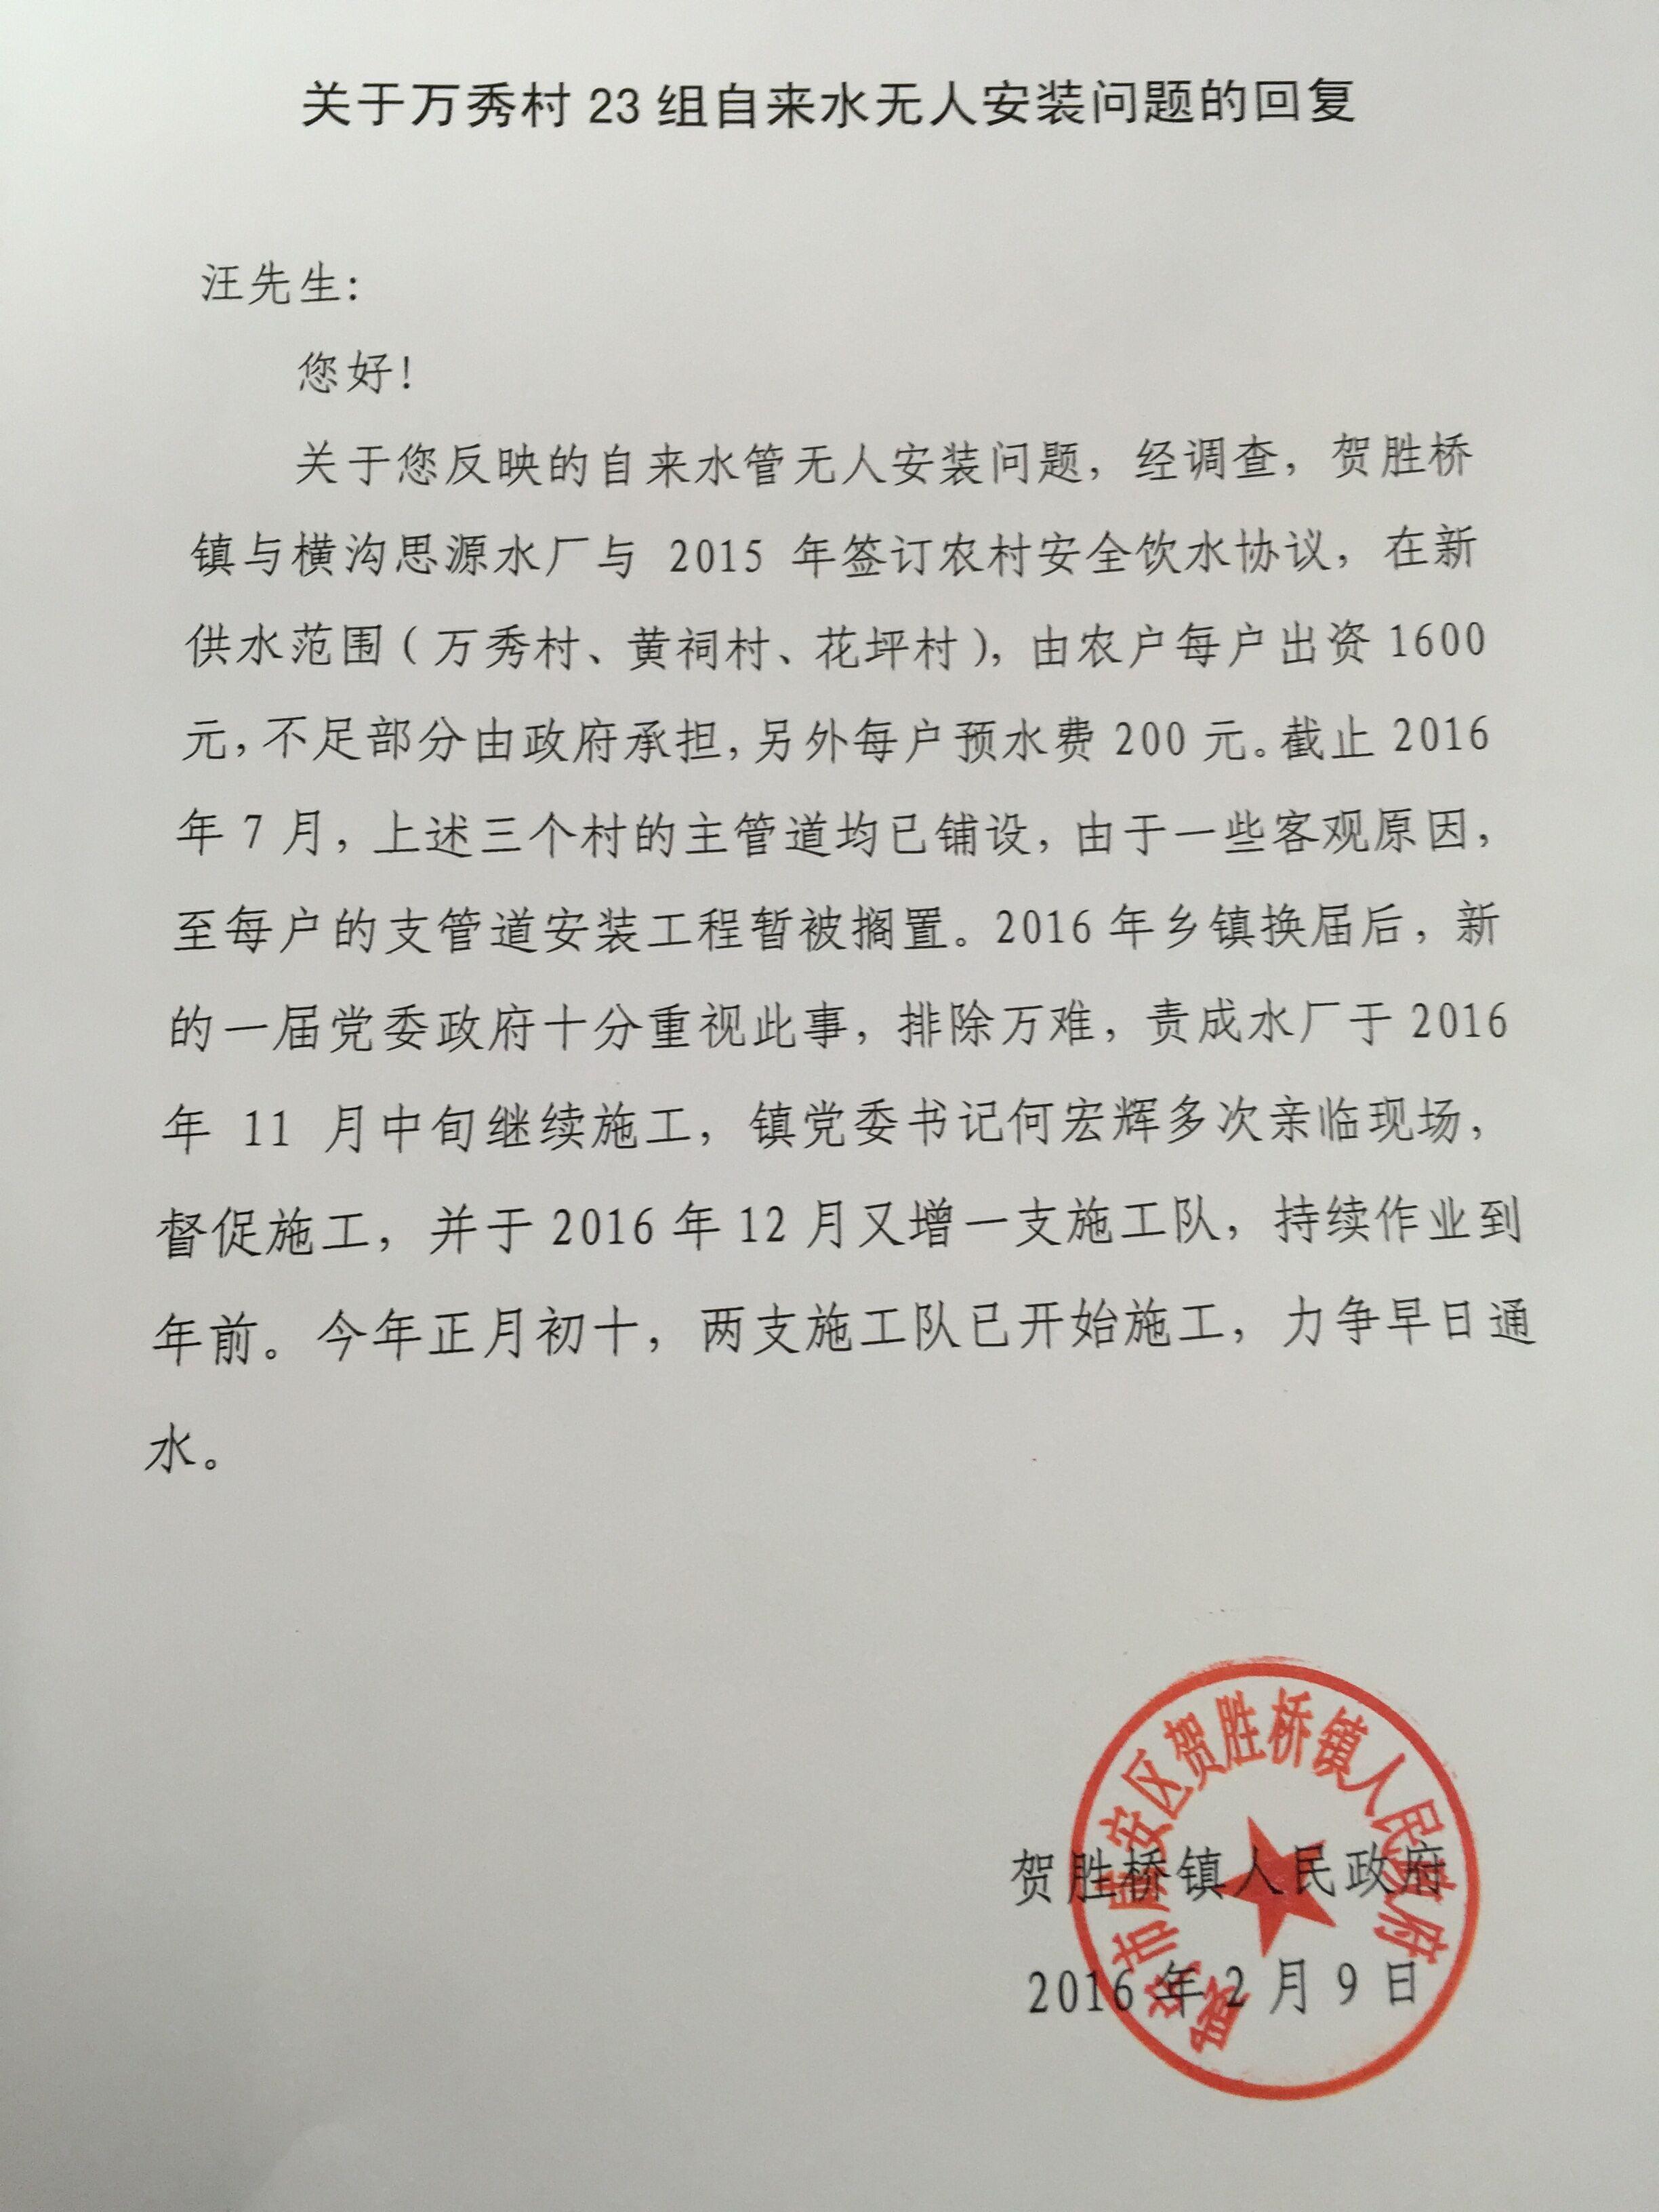 在咸宁,这些事还是要及时处理,不然会隐藏大祸!